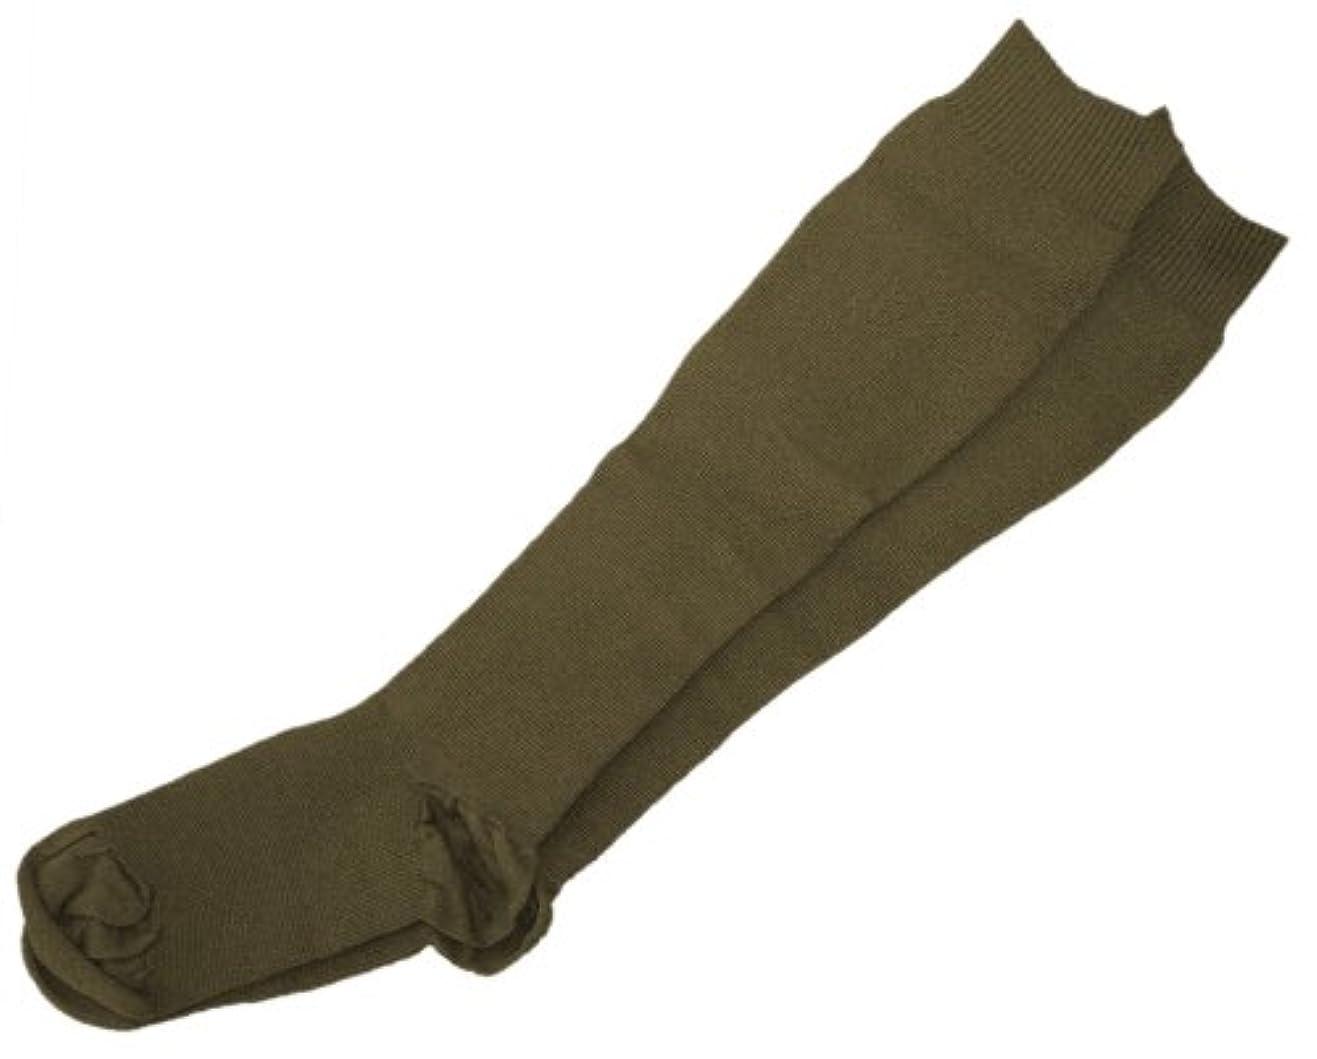 乞食揃えるキャリッジギロファ スタンダードソックス ブラウン Lサイズ(26.0~27.0cm)